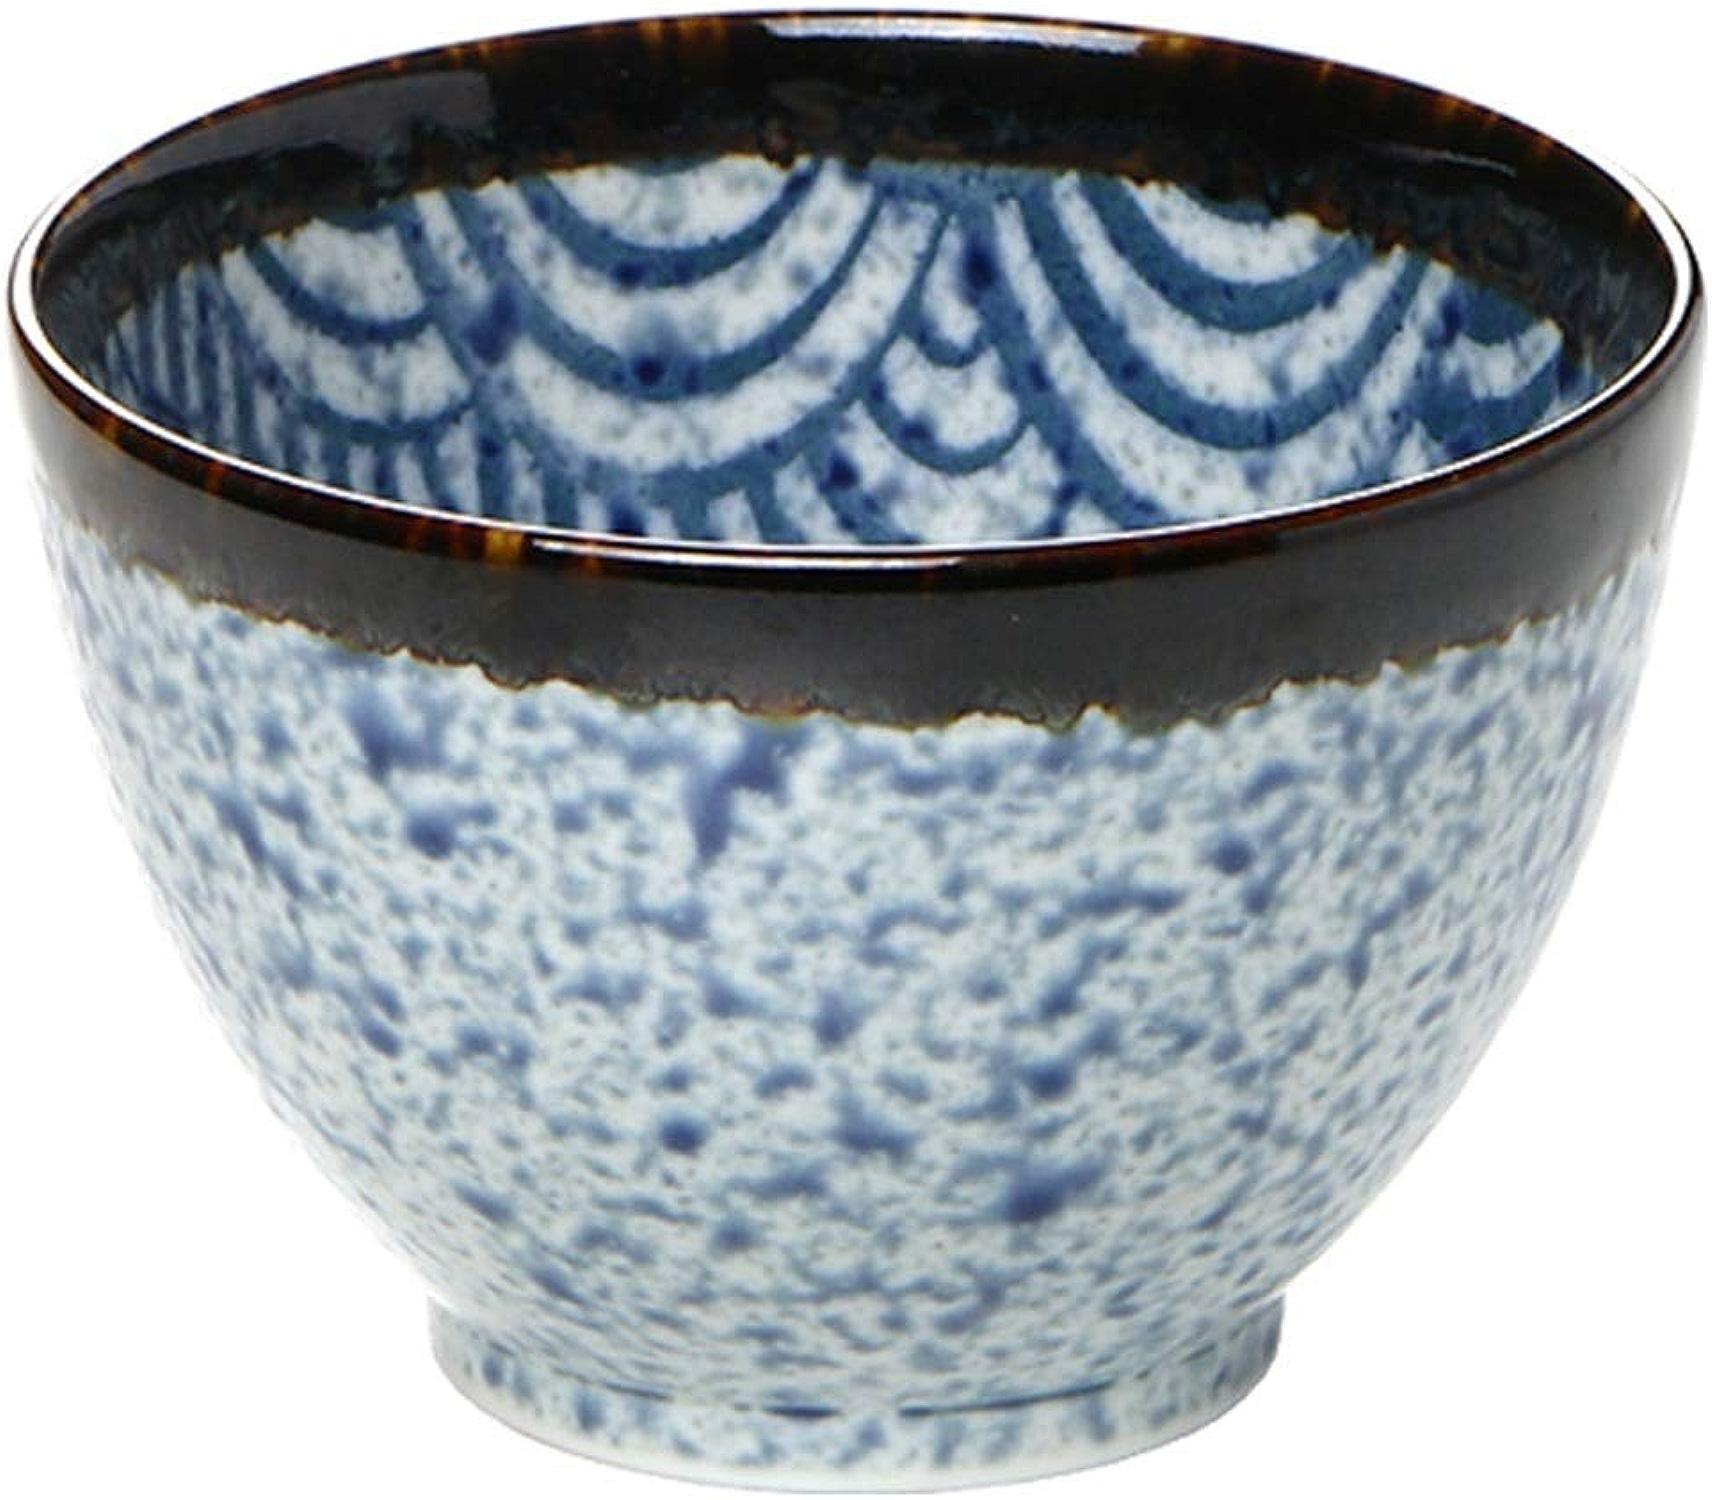 Xiao-bowl3 Bol de riz en céramique à la japonaise de style japonais en céramique peinte à la main et recouverte d'un saladier